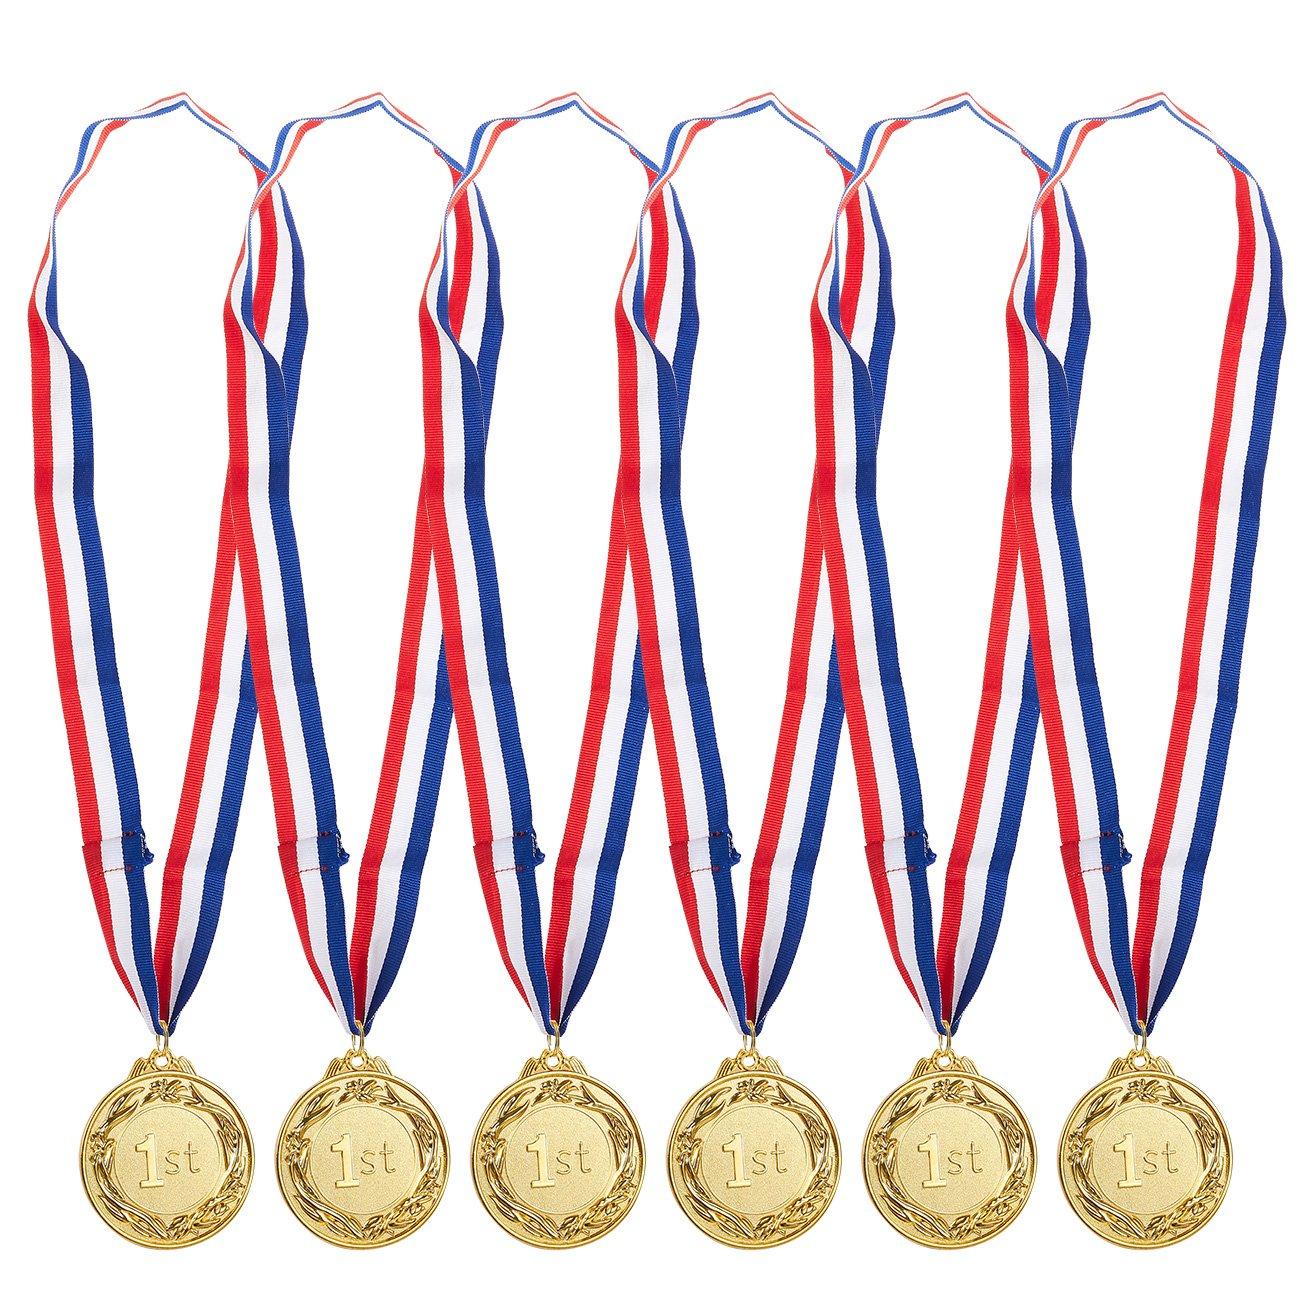 6-pack Médaille d'or Olympique–Ensemble Style Winner Award médailles pour sports, Compétitions, orthographe, abeilles, dragées, 6,3cm de diamètre avec 81,3cm ruban Juvale